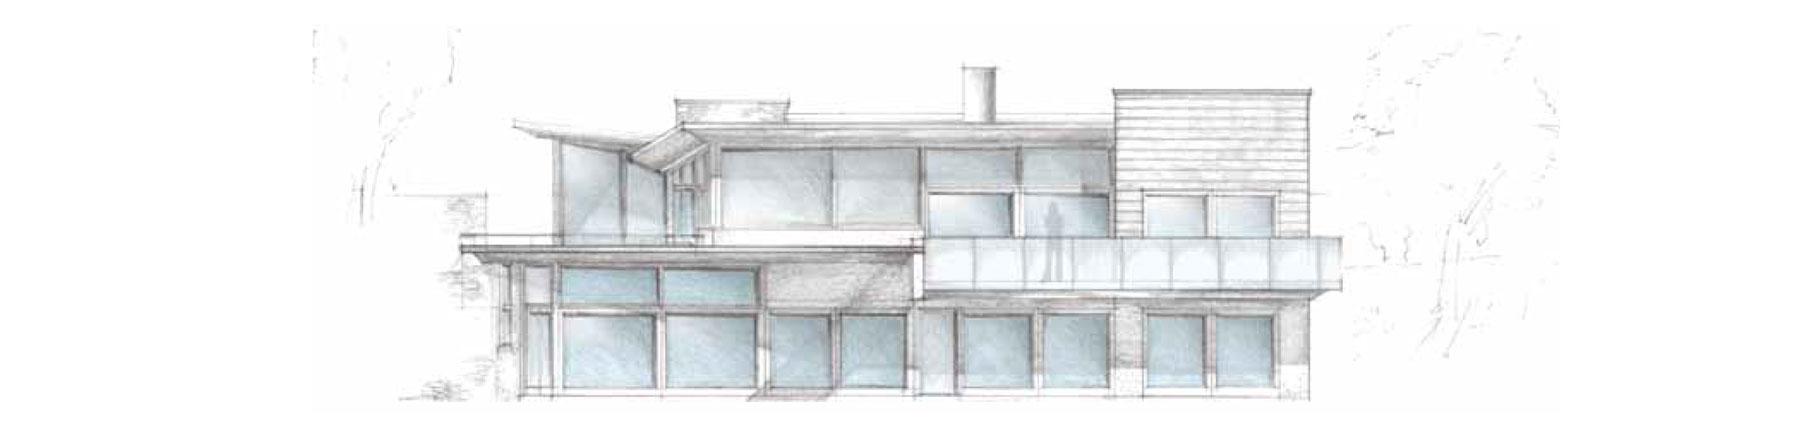 slider-river-house-2